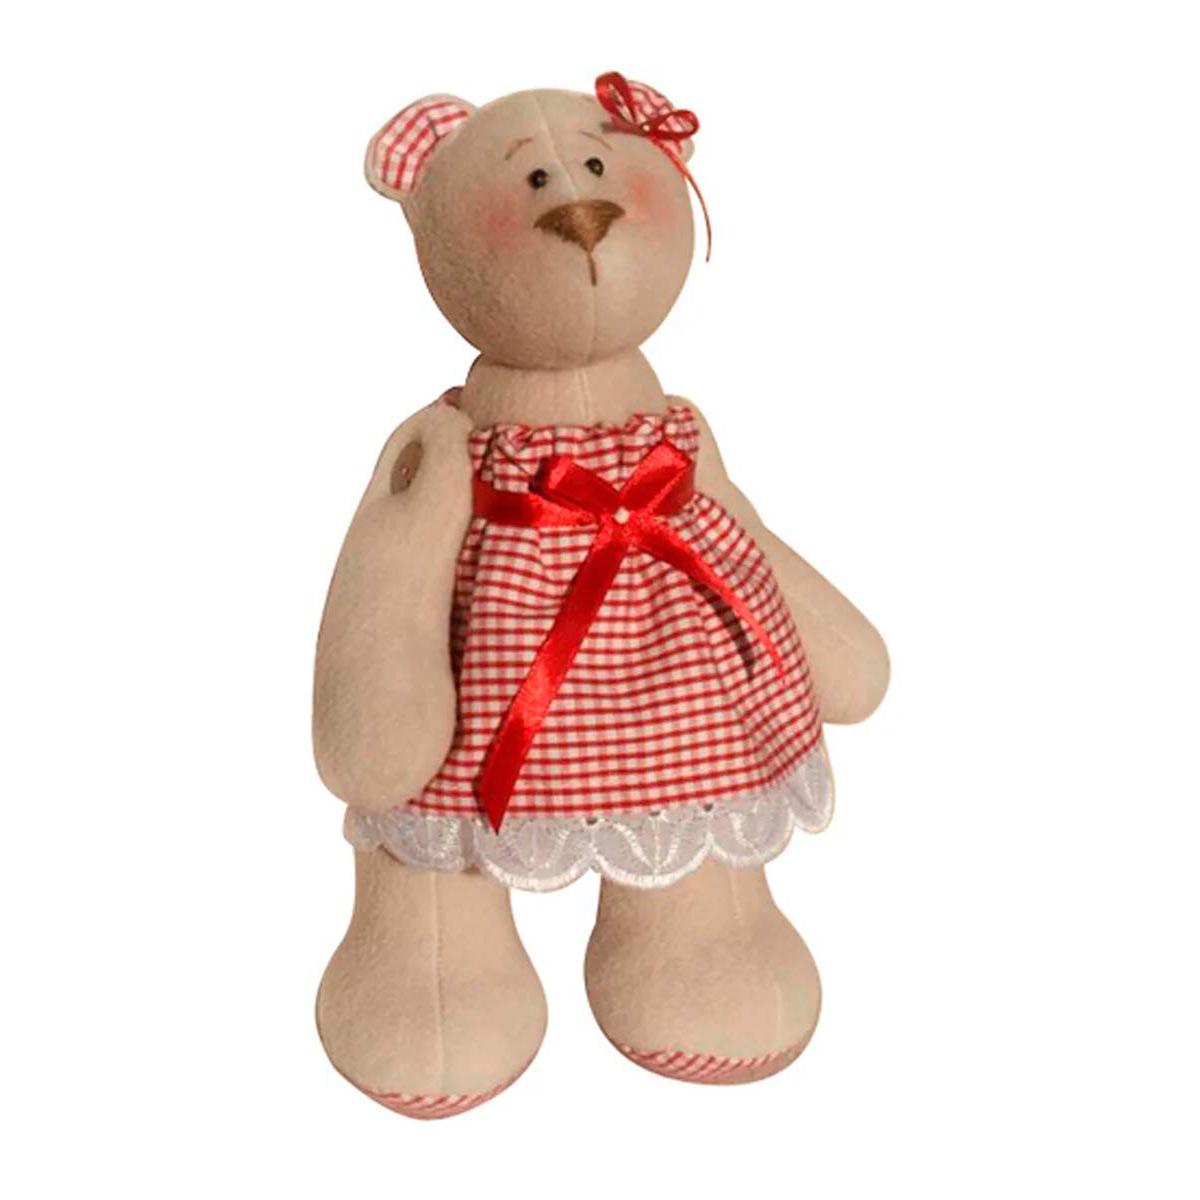 В003 Набор для изготовления текстильной игрушки 23см 'Bear`s Story' (Ваниль) фото